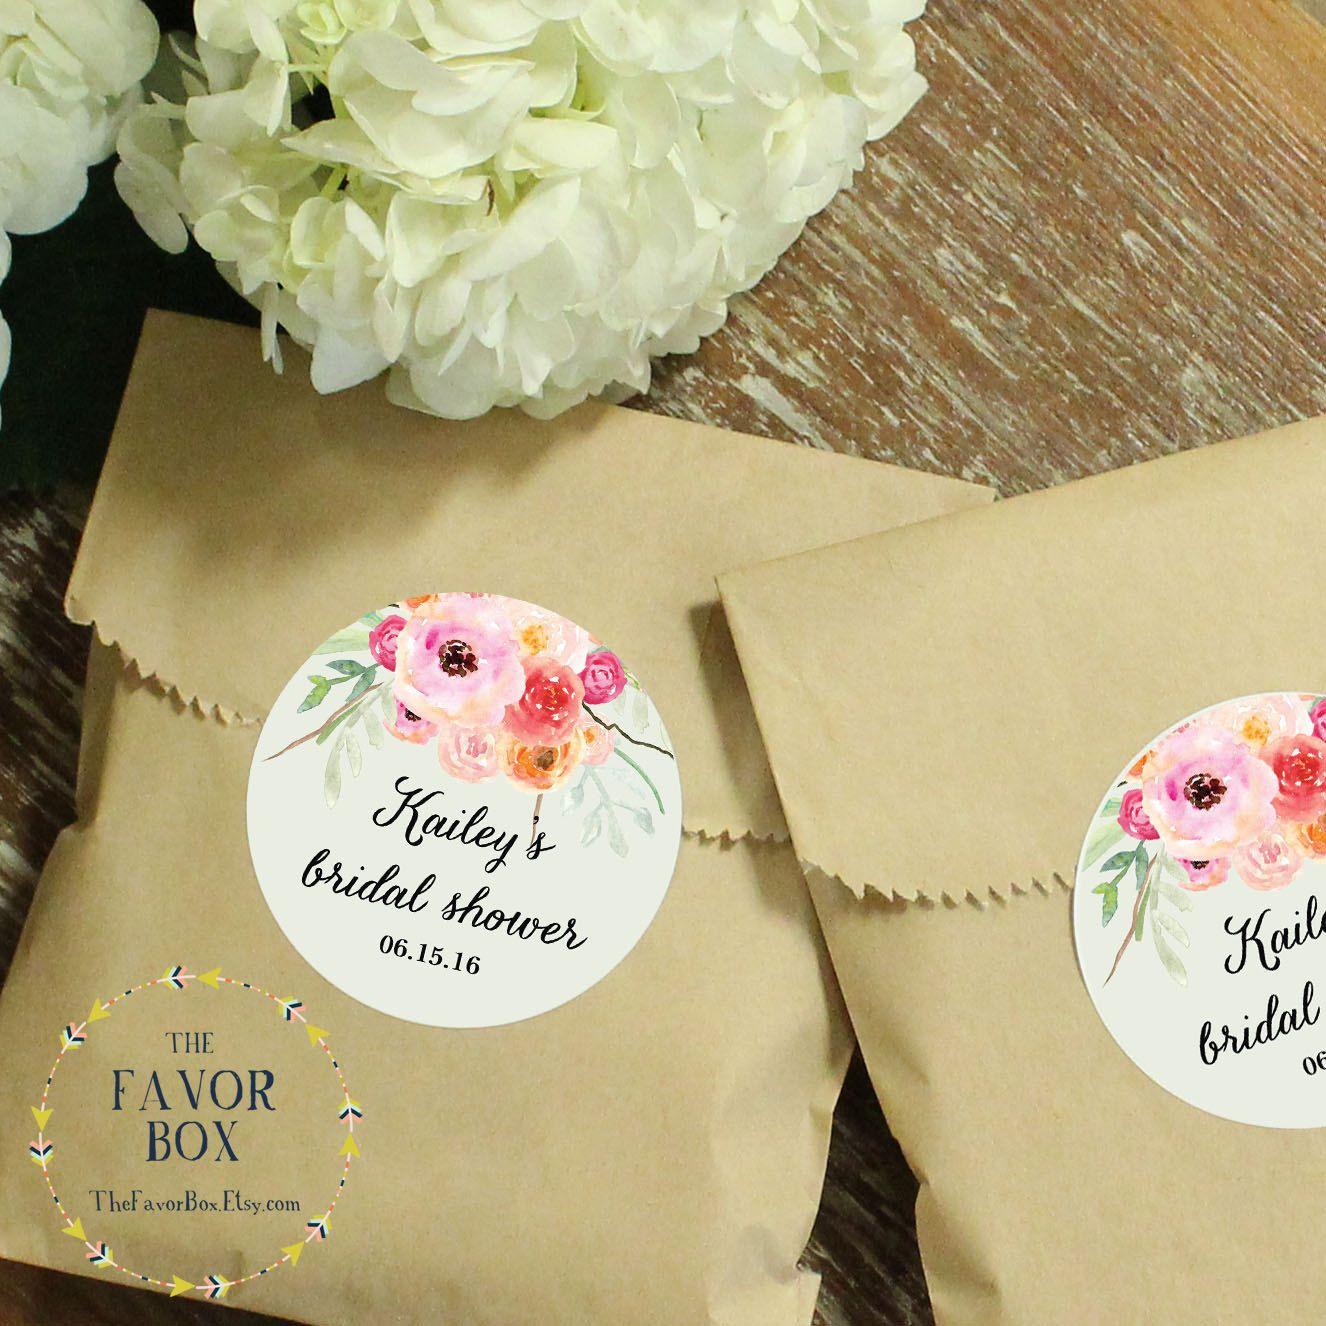 Nuestras bolsas de papel de favor son el perfectos bolsitas para empaquetar su golosinas caseras, sabrosos o dulces sorpresas para tus invitados. Las bolsas vienen en kraft o blanco y las etiquetas se pueden diseñar en los colores de su elección. Ofrecemos una paleta de colores para